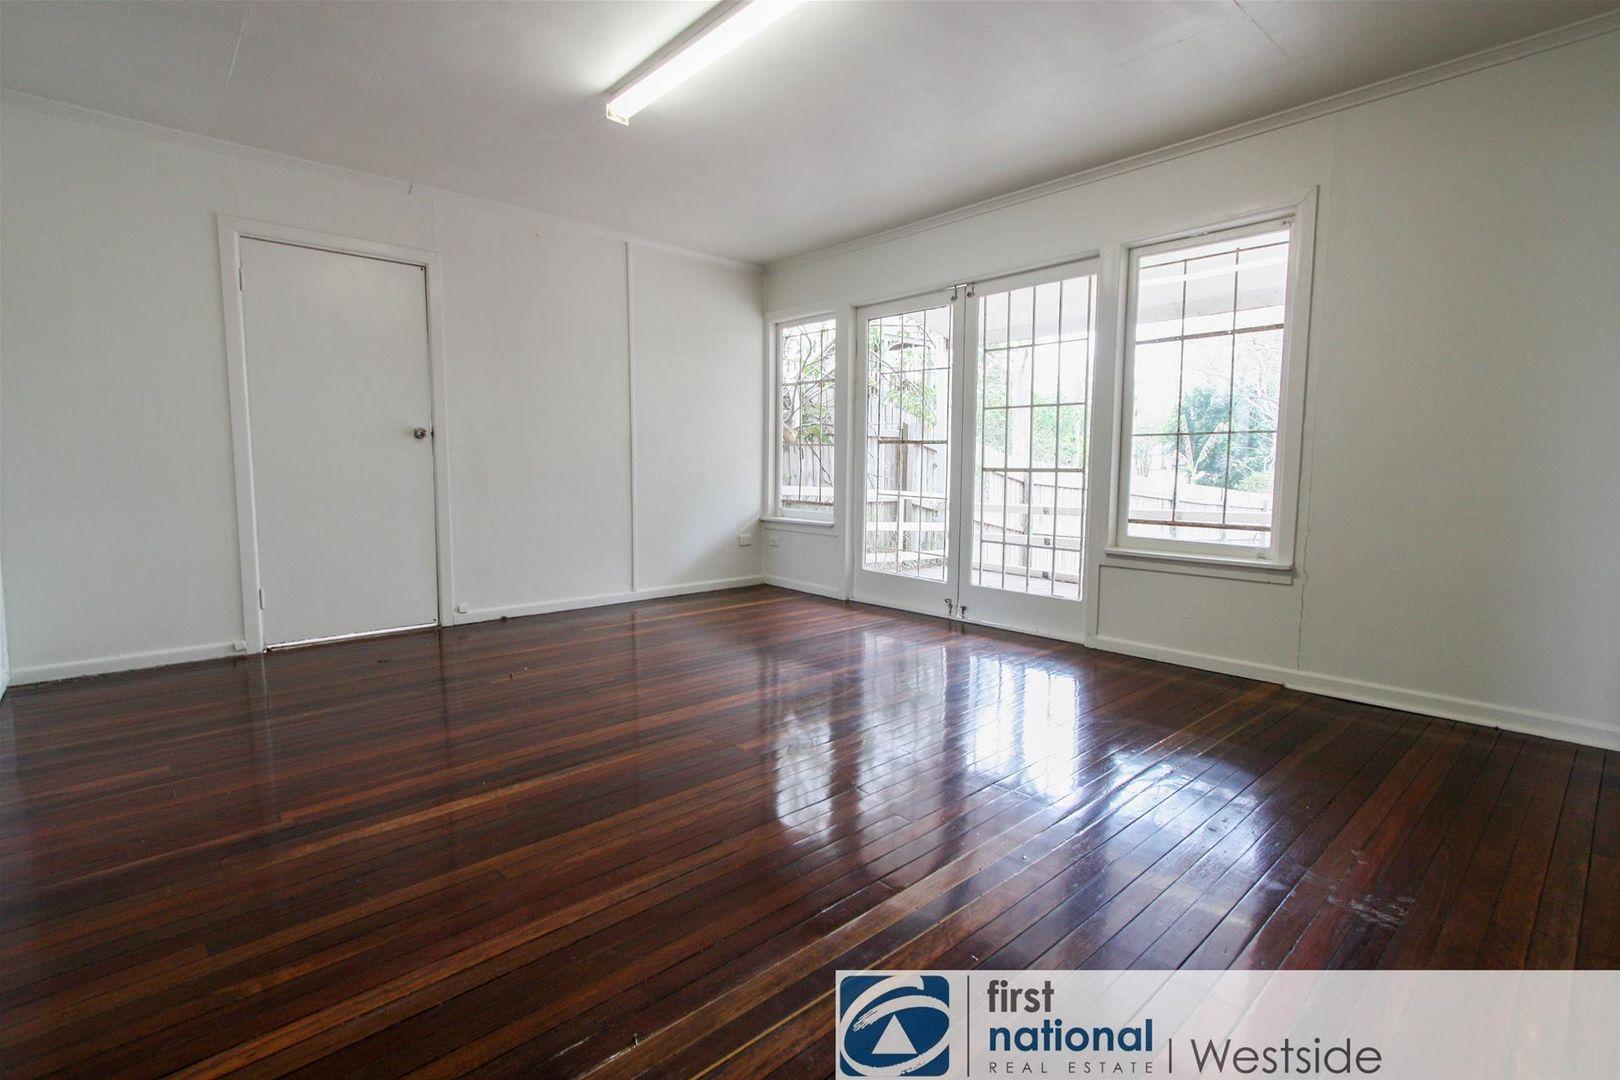 69A Woogaroo Street, Goodna QLD 4300, Image 0